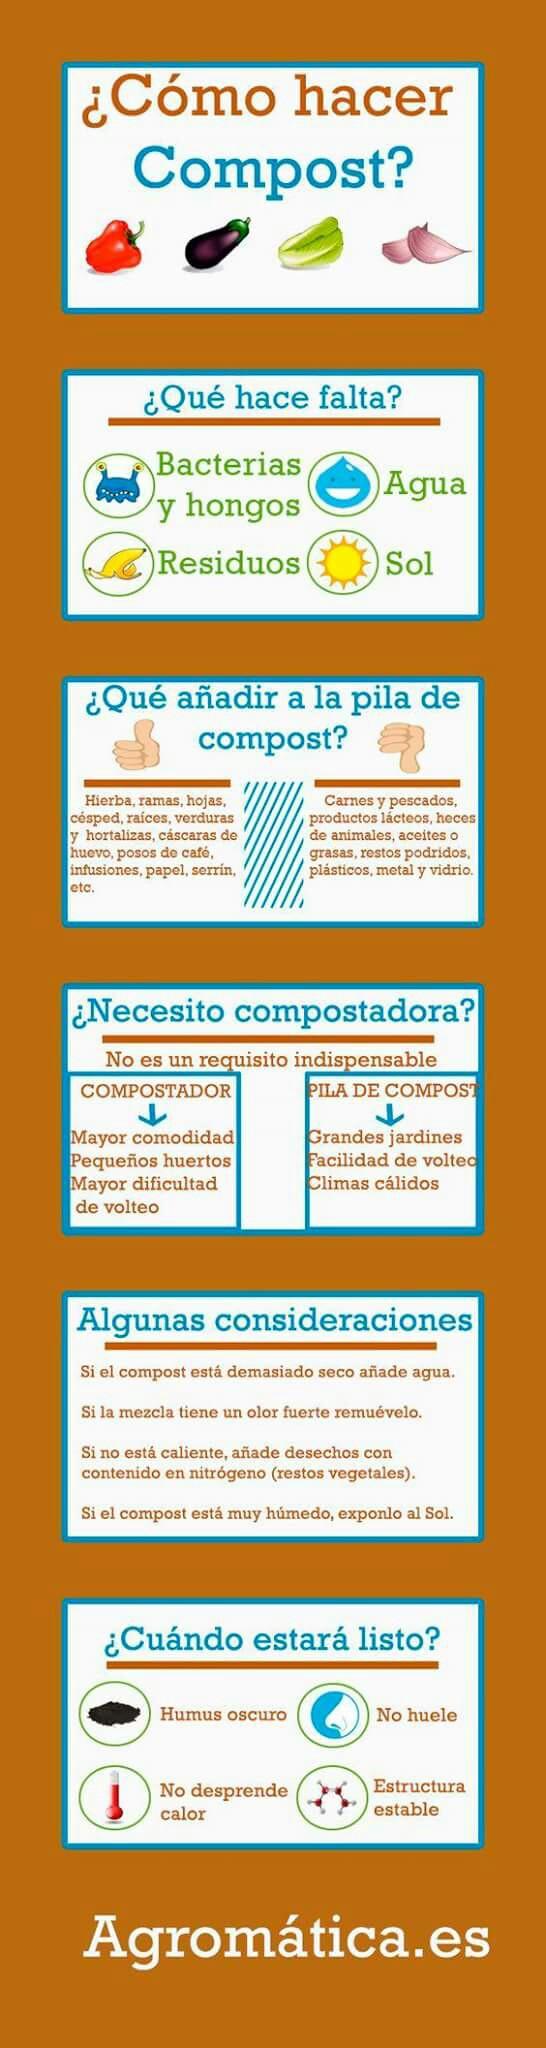 Cómo hacer compost.